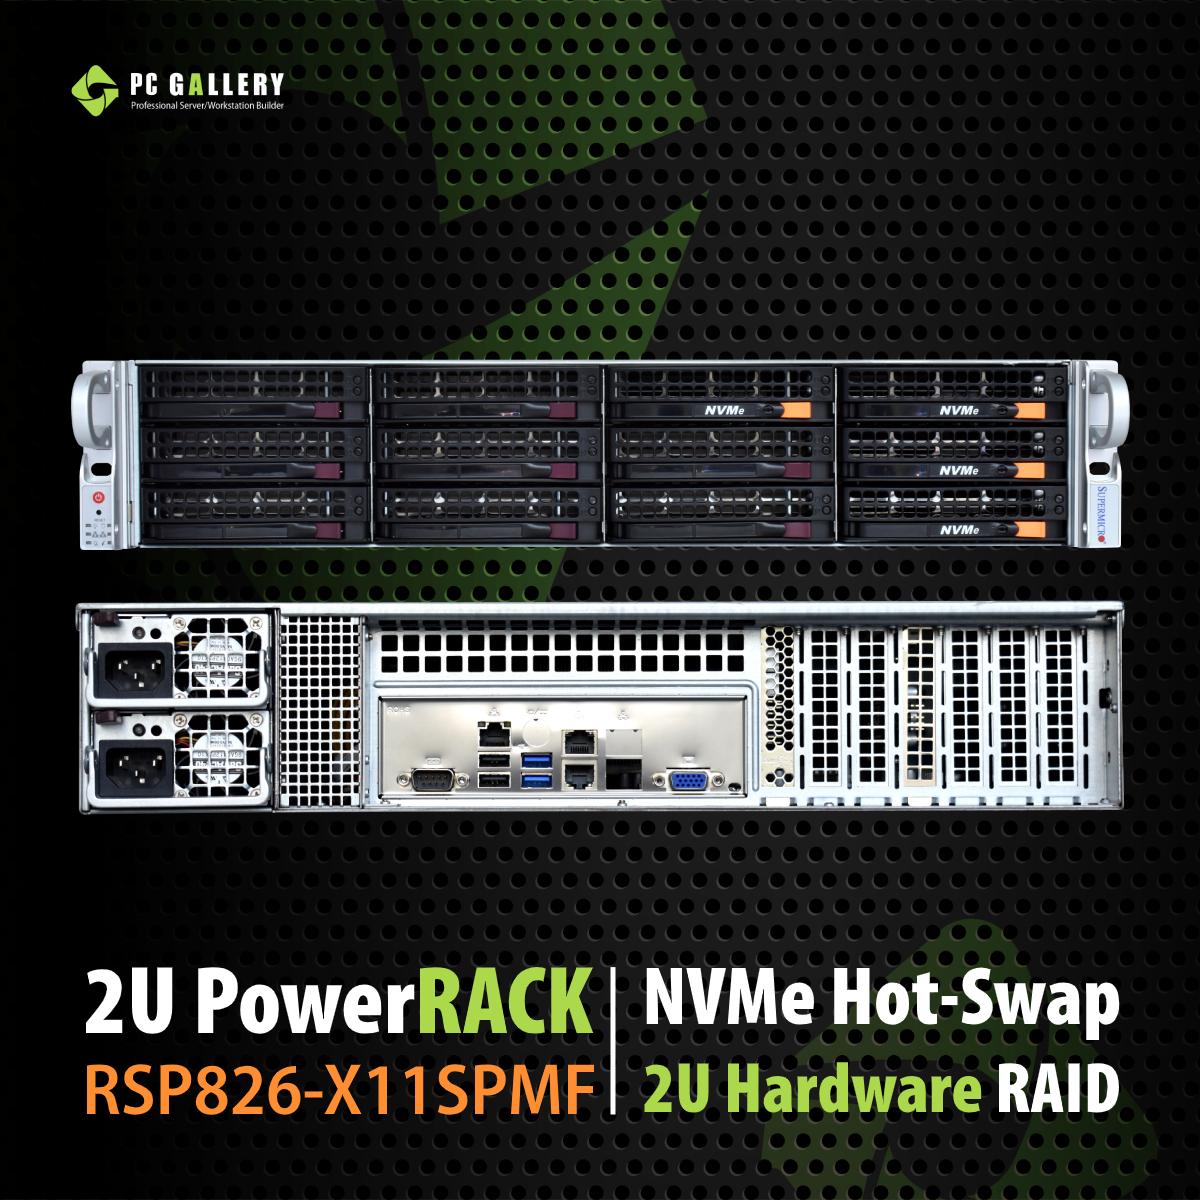 RSP826-X11SPMF